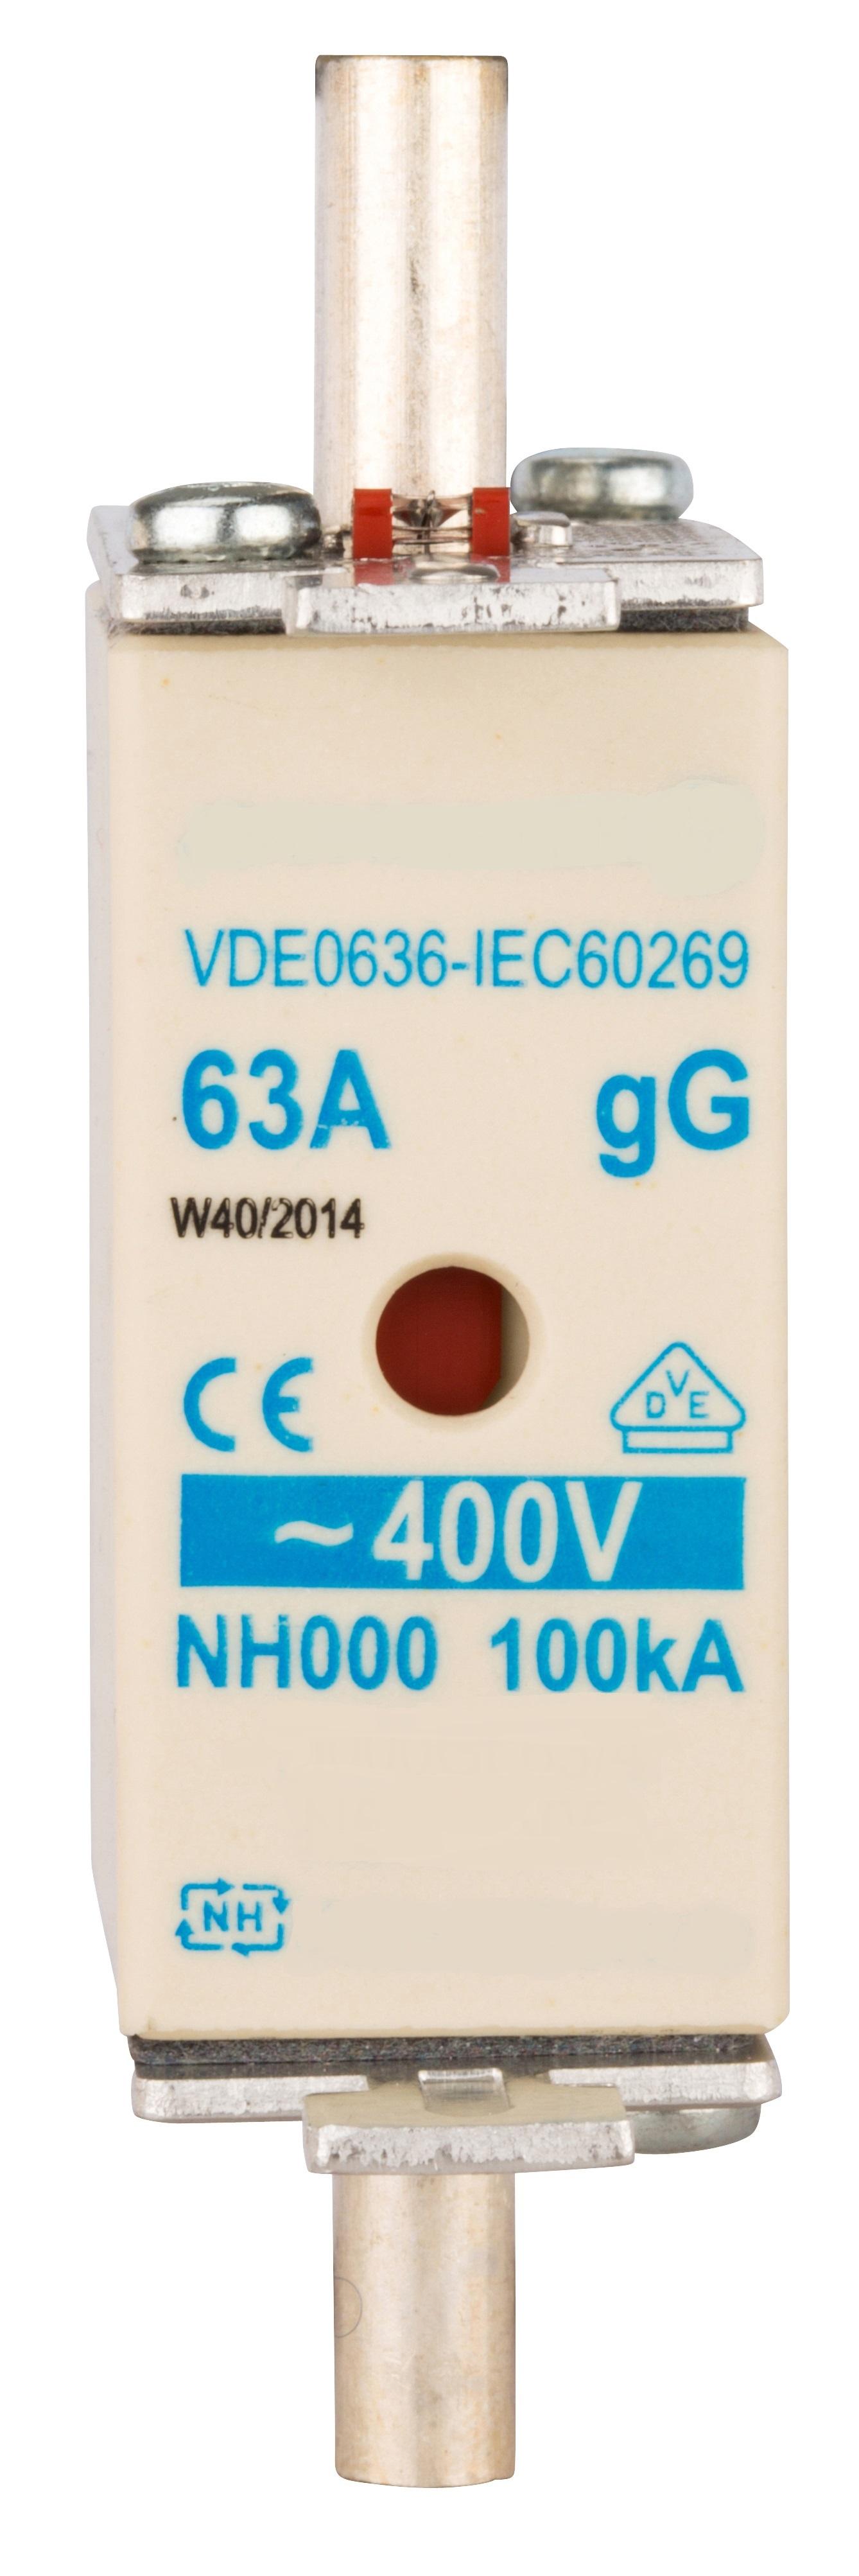 1 Stk NH-Sicherungseinsatz, Größe 00, 20A, 400V AC ISP00020--